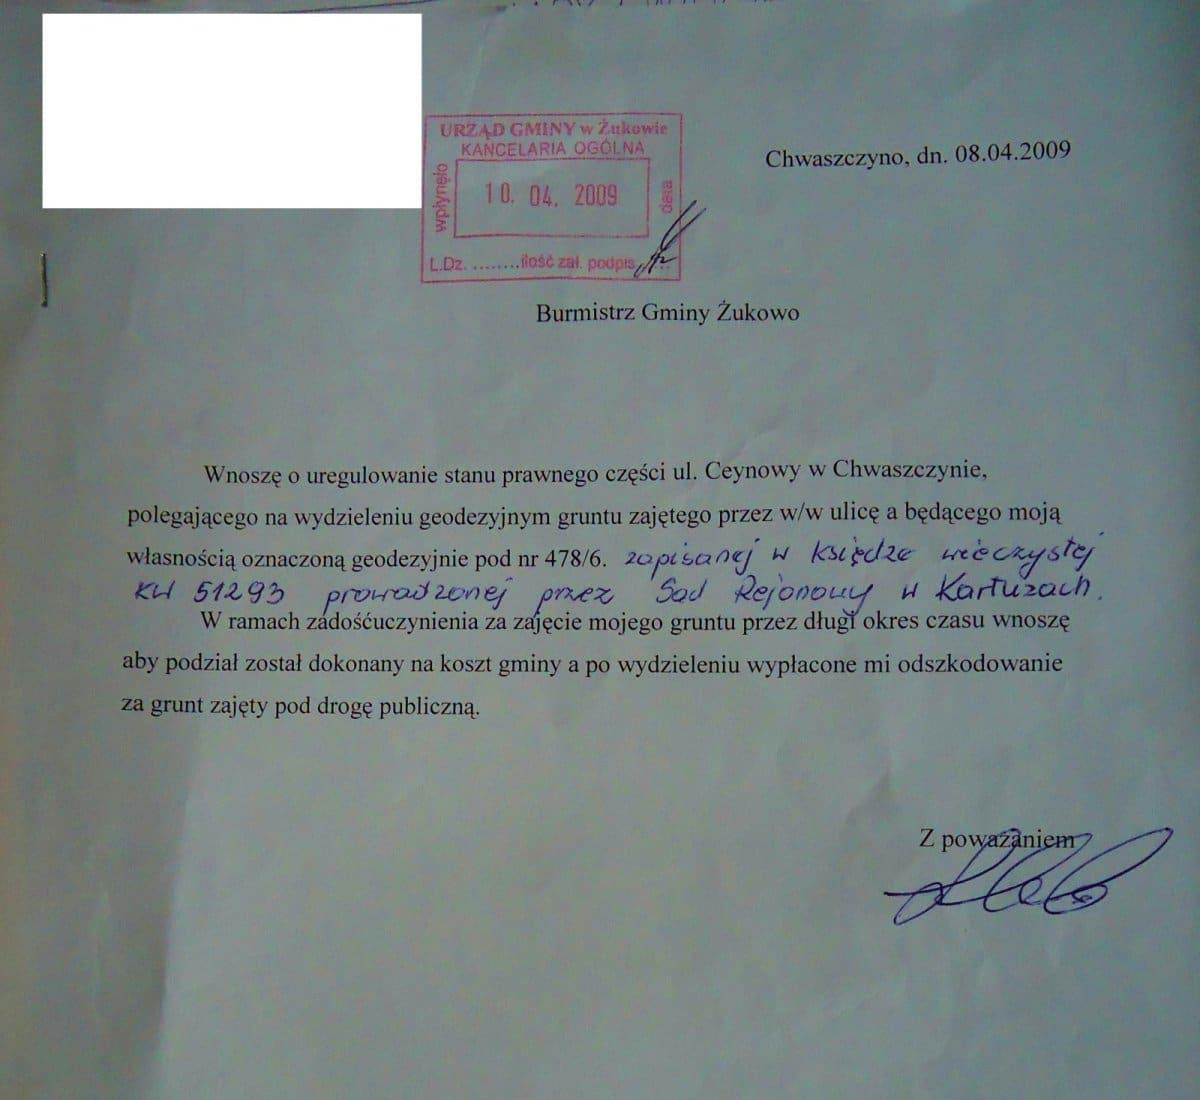 pismo na jakie Urząd Gminy w Żukowie nie odpowiedział przez prawie trzy lata